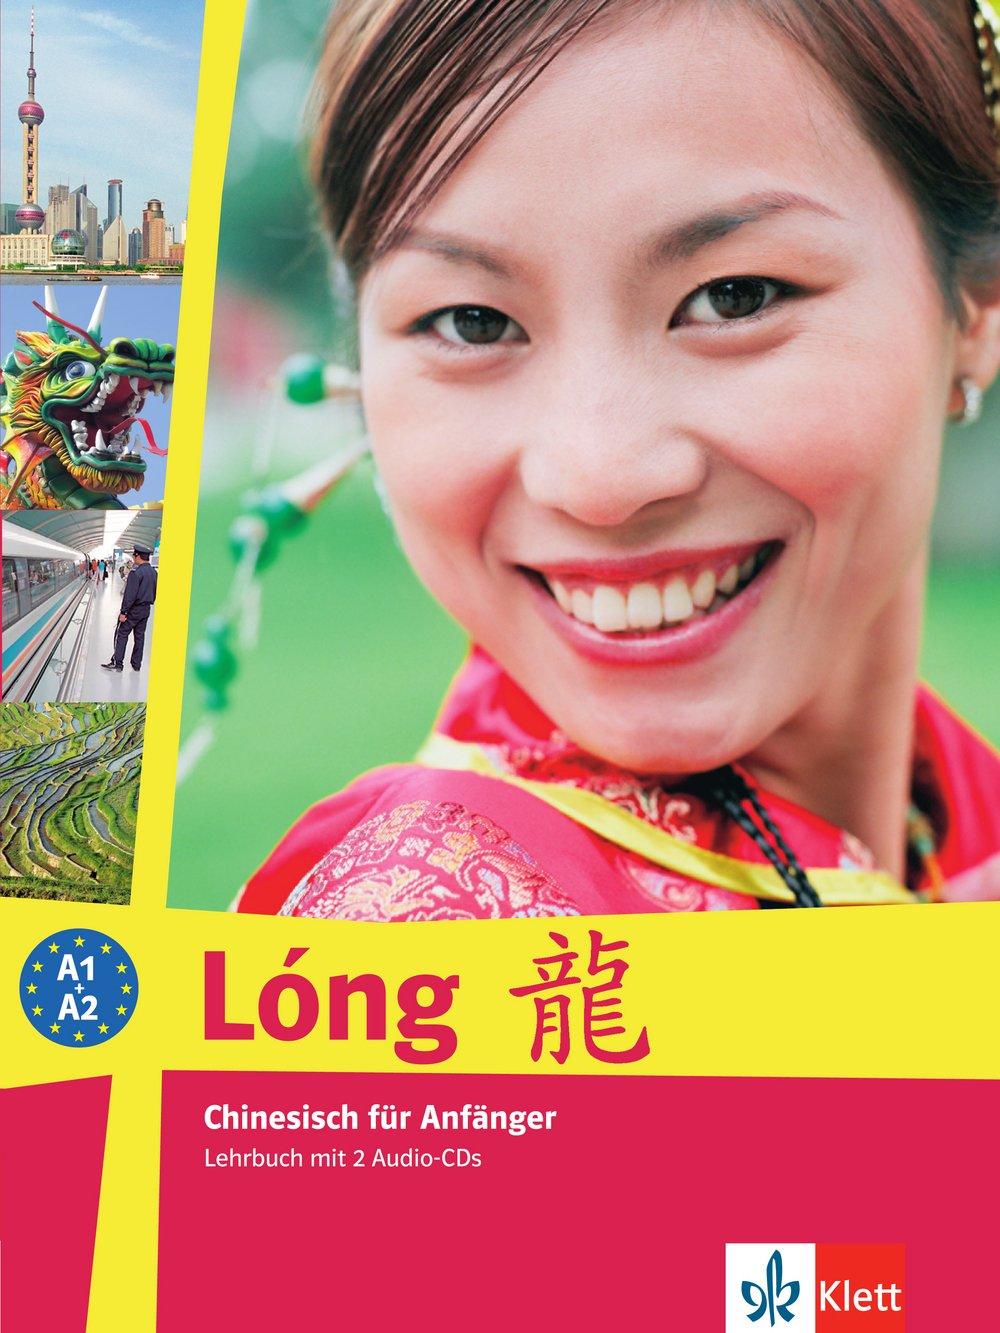 Lóng. Lehrbuch. Chinesisch für Anfänger, inkl. 2 Audio-CDs